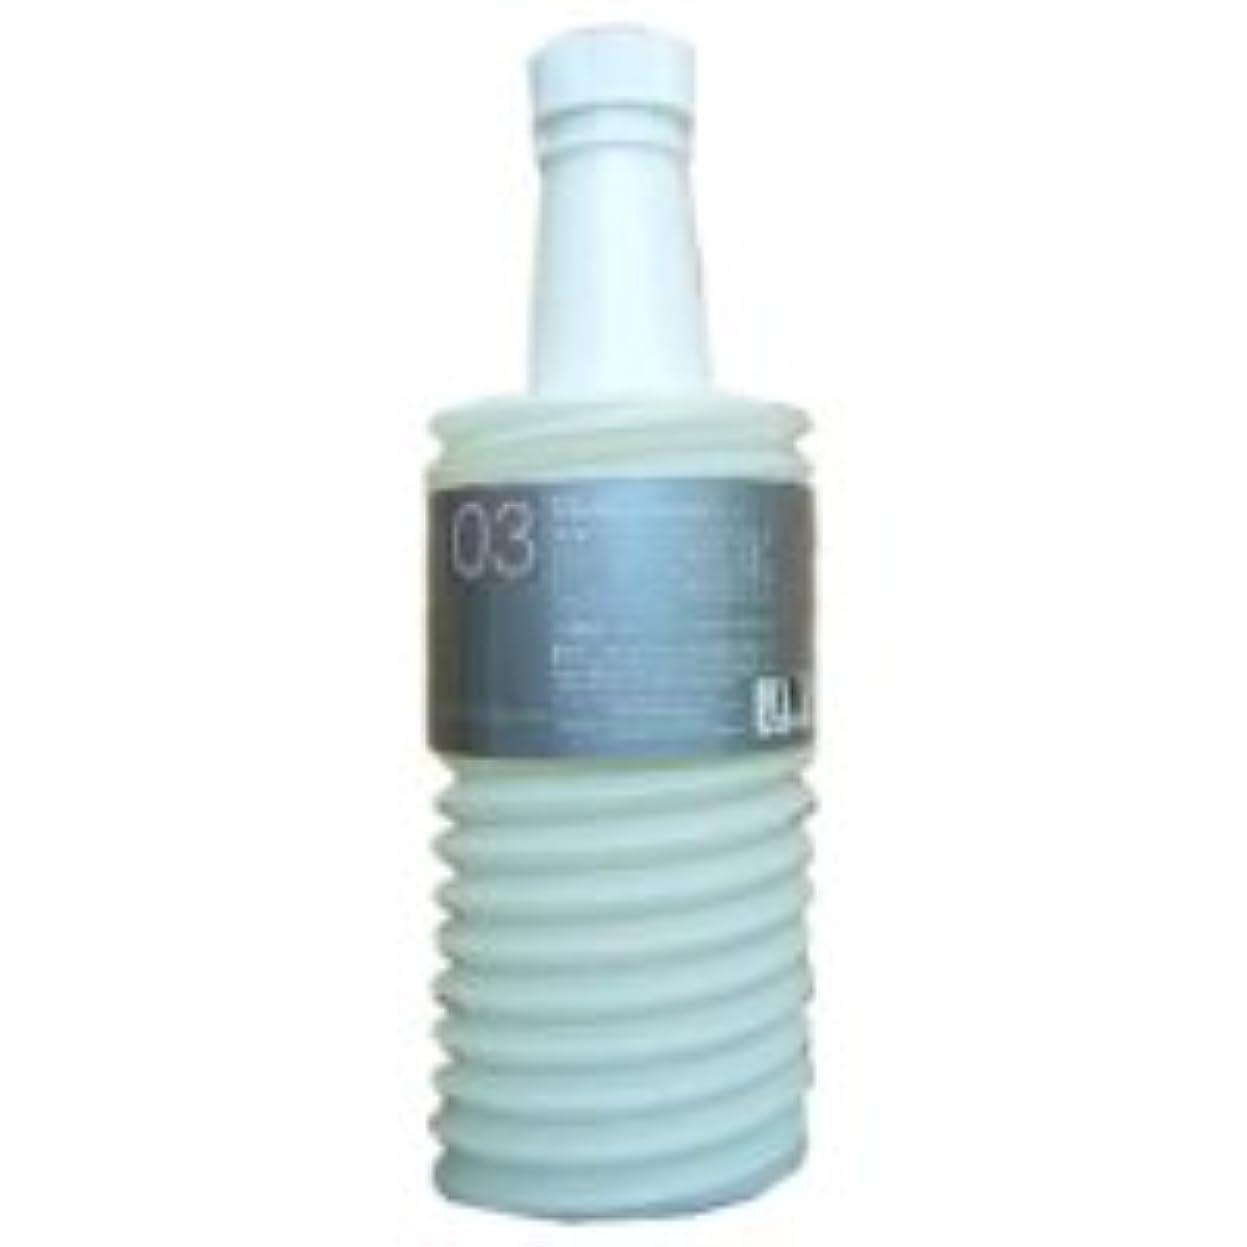 投げる可能にする応用ムコタ アデューラ アイレ03 ライトベールコンディショナー リゼ 700g(業務?詰替用)